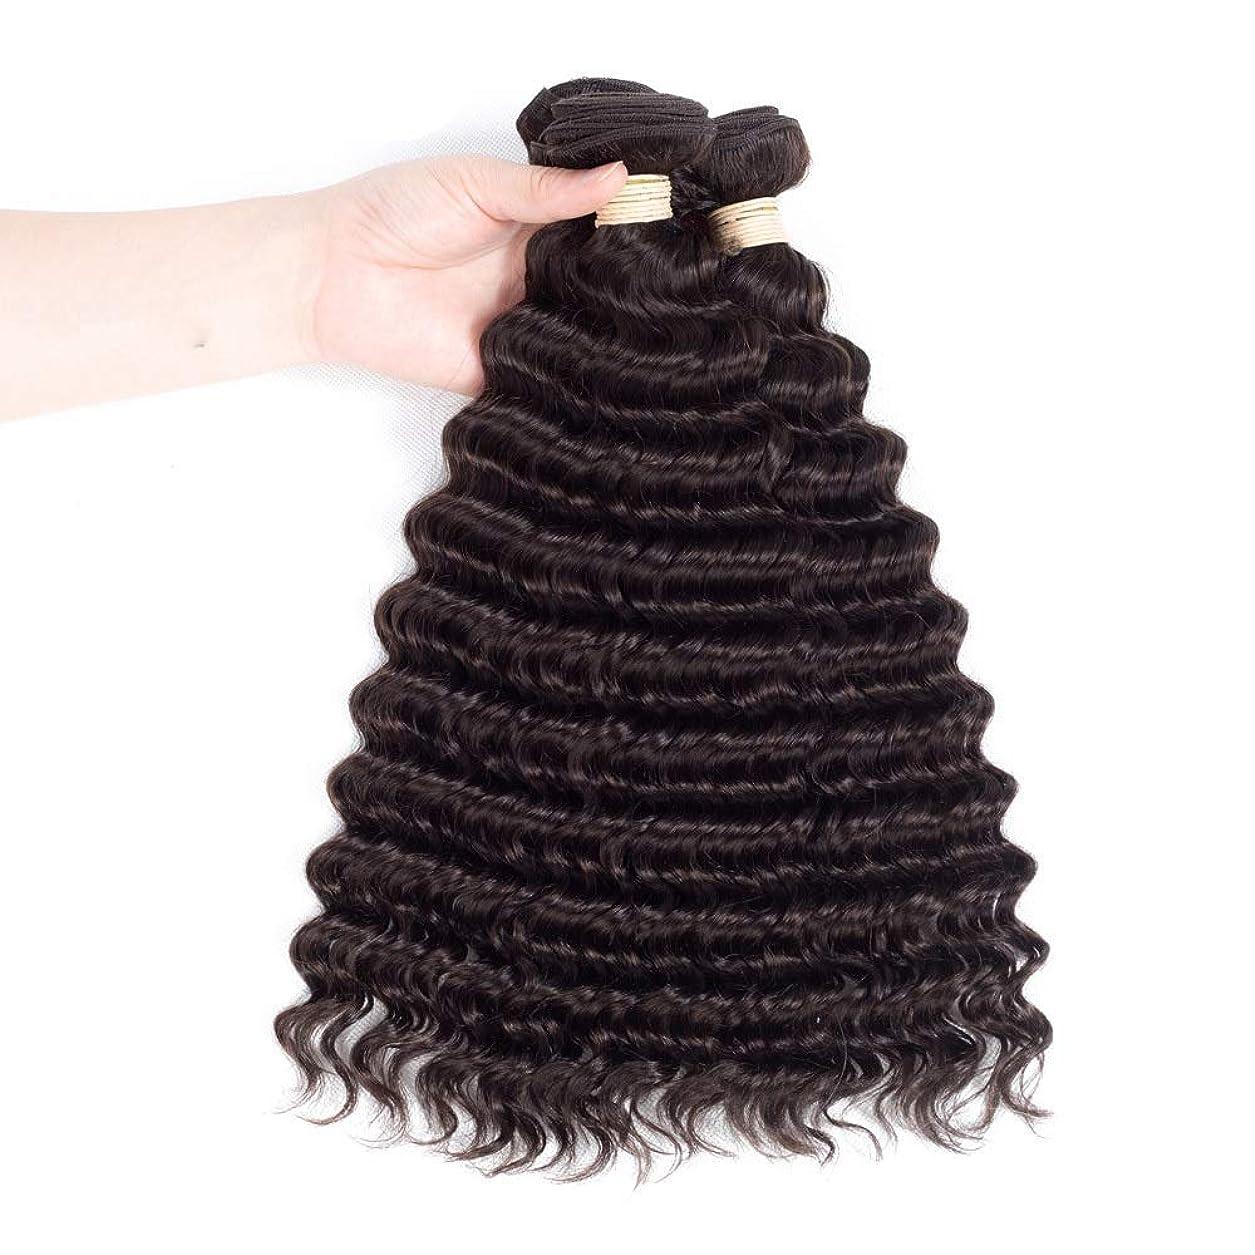 黄ばむ隠広告YESONEEP 人間の髪の毛の束ブラジルディープウェーブ本物の人間の髪の毛の織り方#2ダークブラウン(8